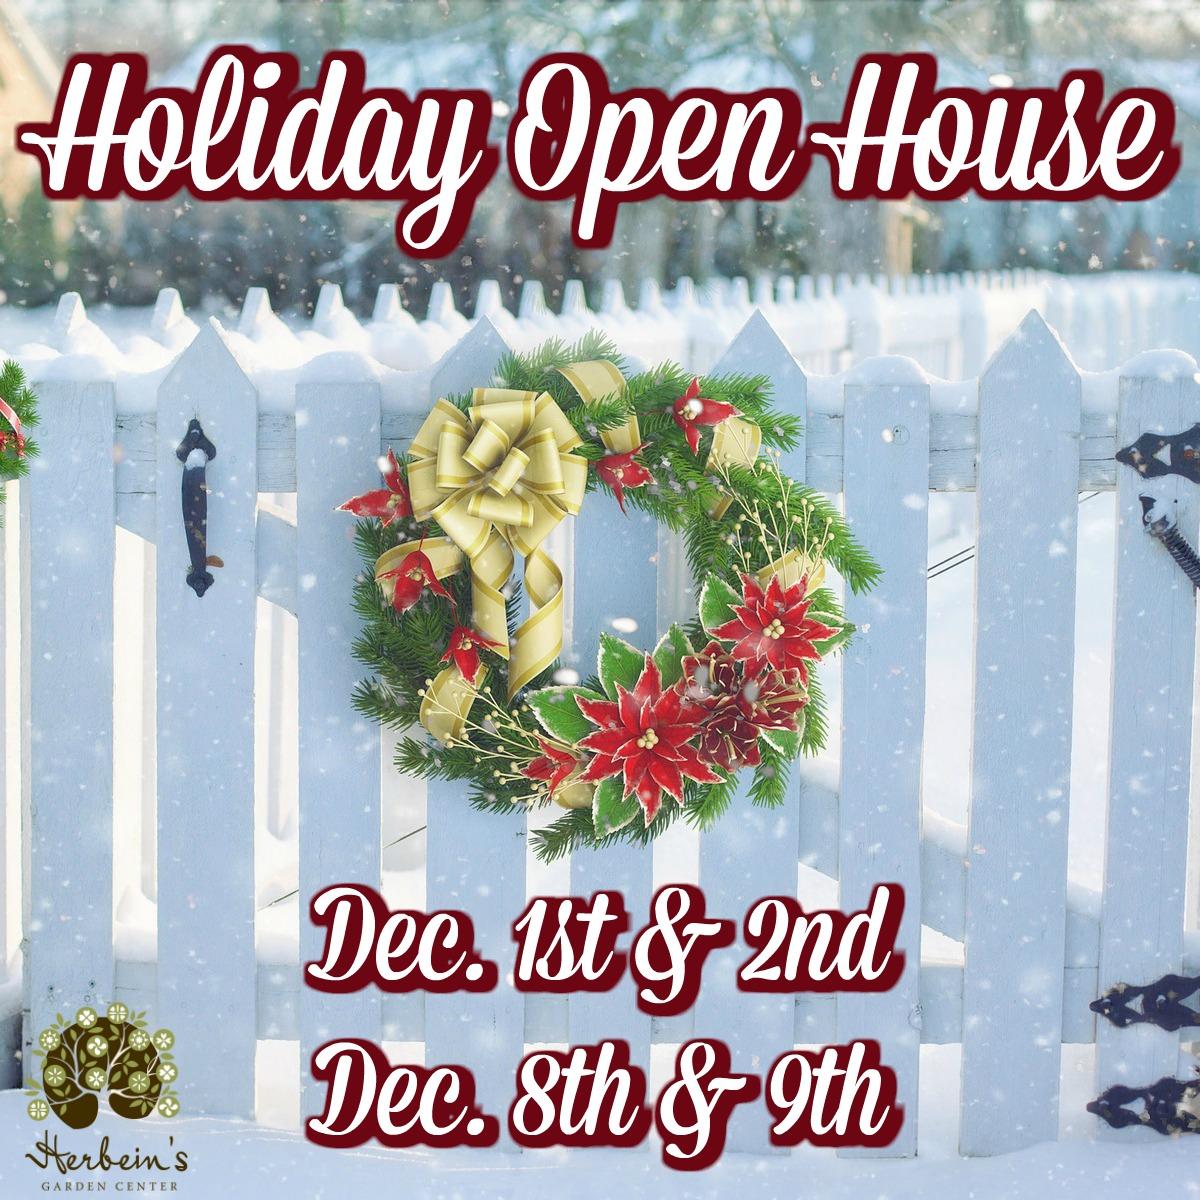 Herbeins Garden Center Christmas Open House 2018